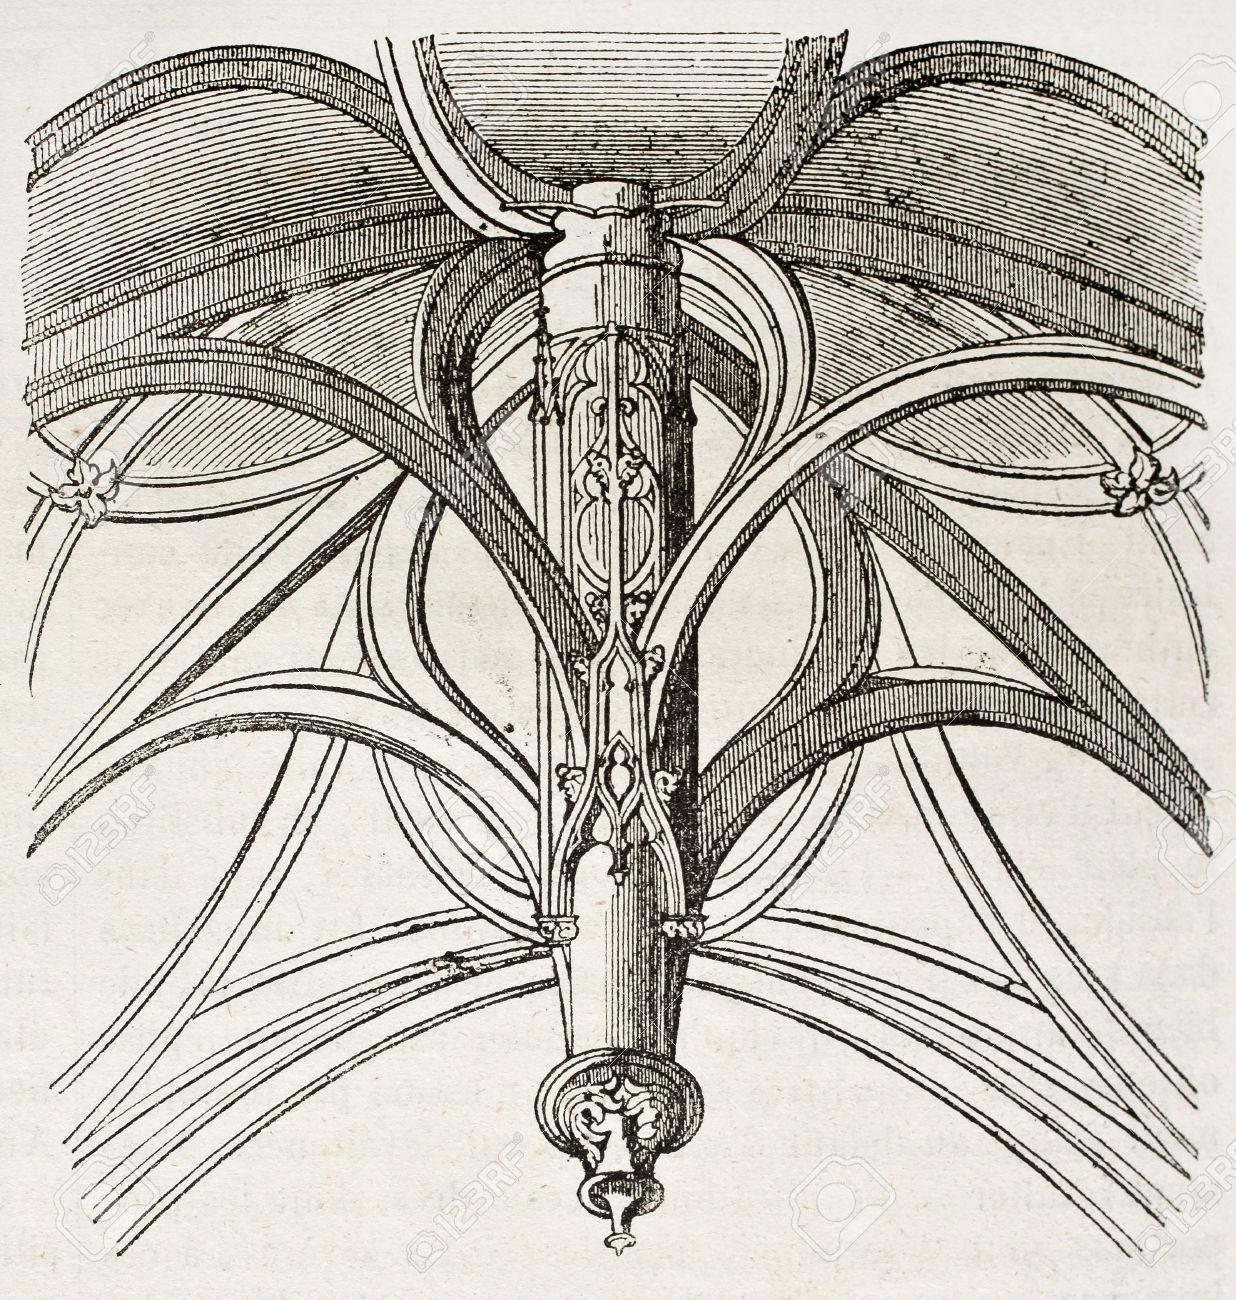 The vault of Vierge-de-Saint-Gervais chapel, architectonic detail, Paris. By unidentified author, published on Magasin Pittoresque, Paris, 1840 Stock Photo - 15204106